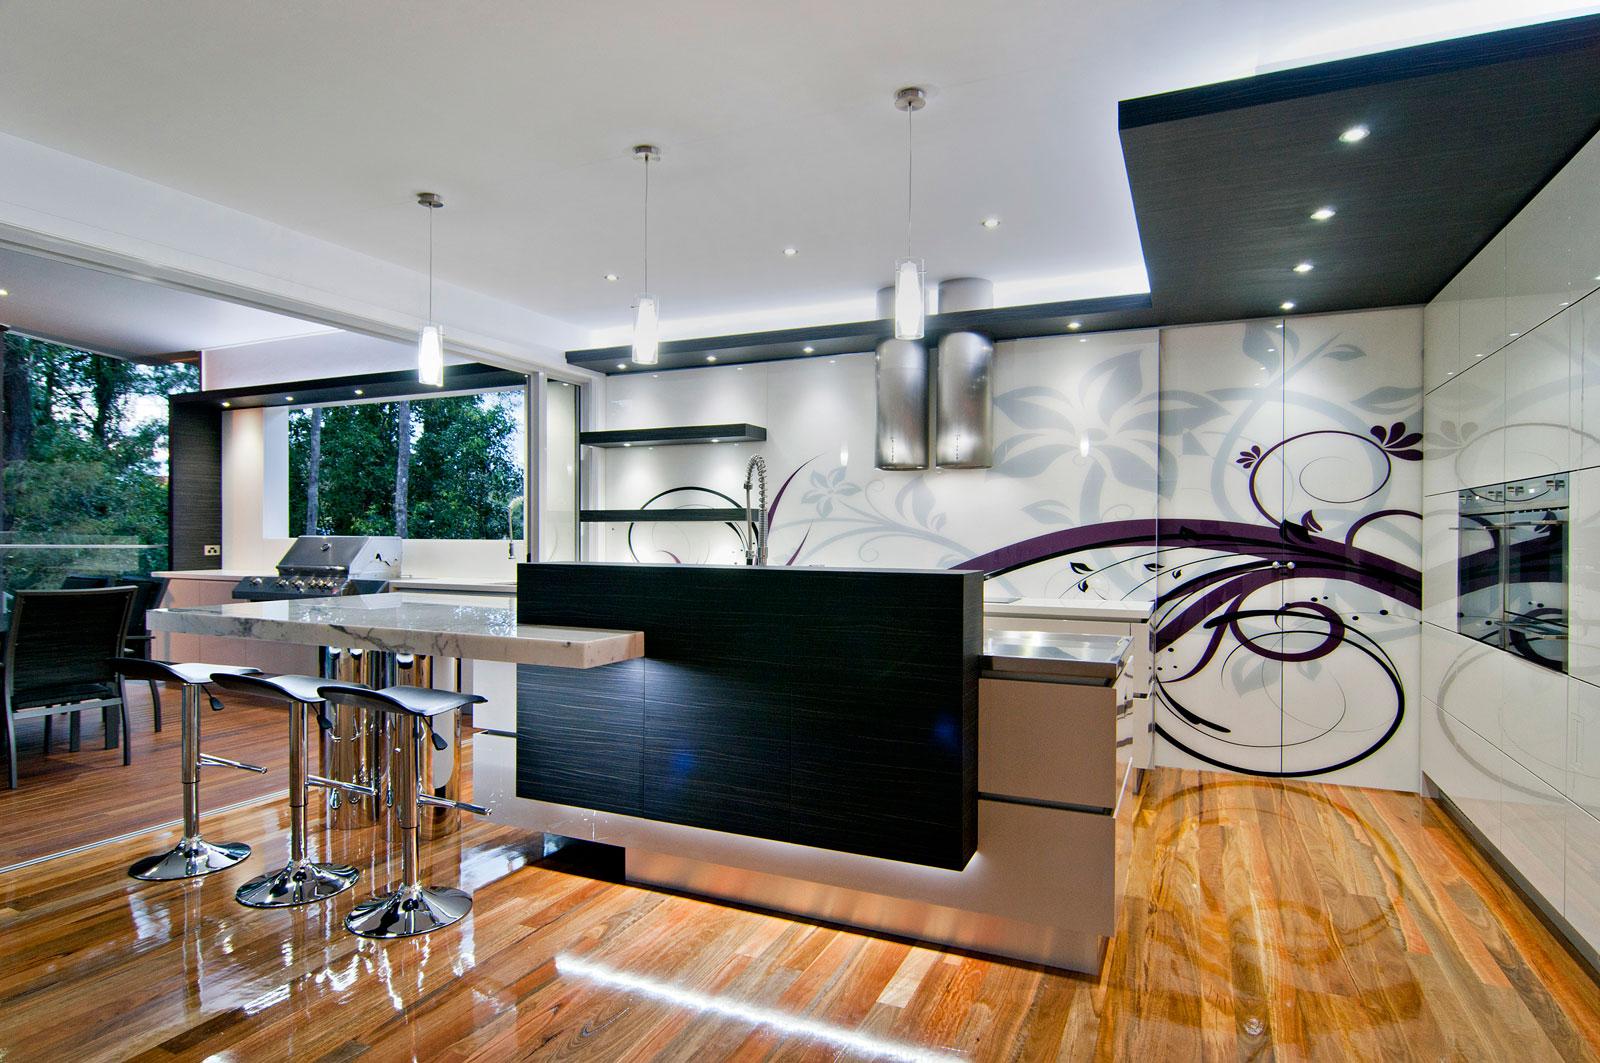 Футуристичный дизайн белой кухни Bushland Retreat в стиле роскошного минимализма